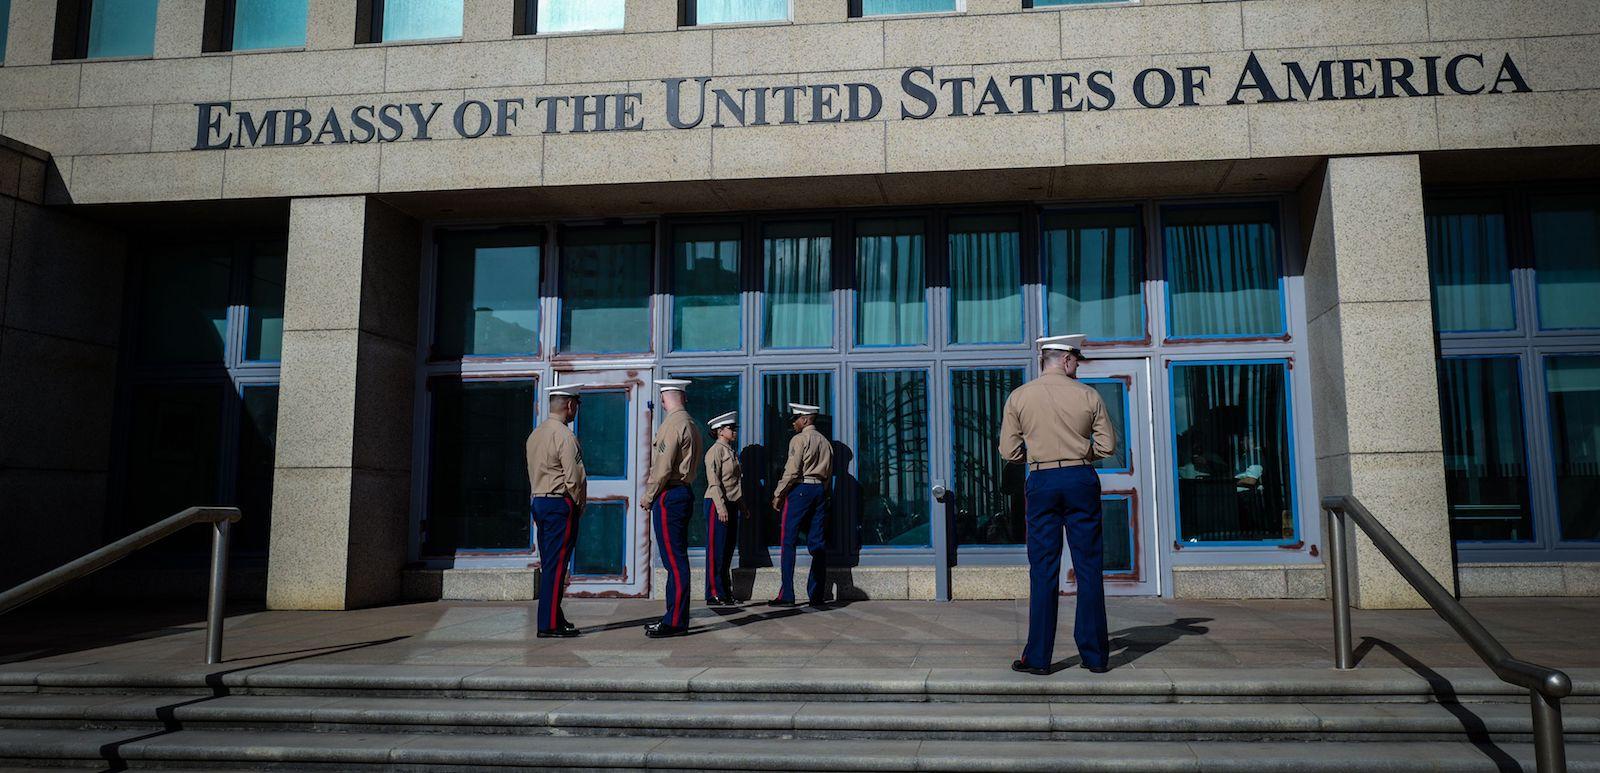 US embassy in Havana (Photo: Adalberto Roque via Getty)